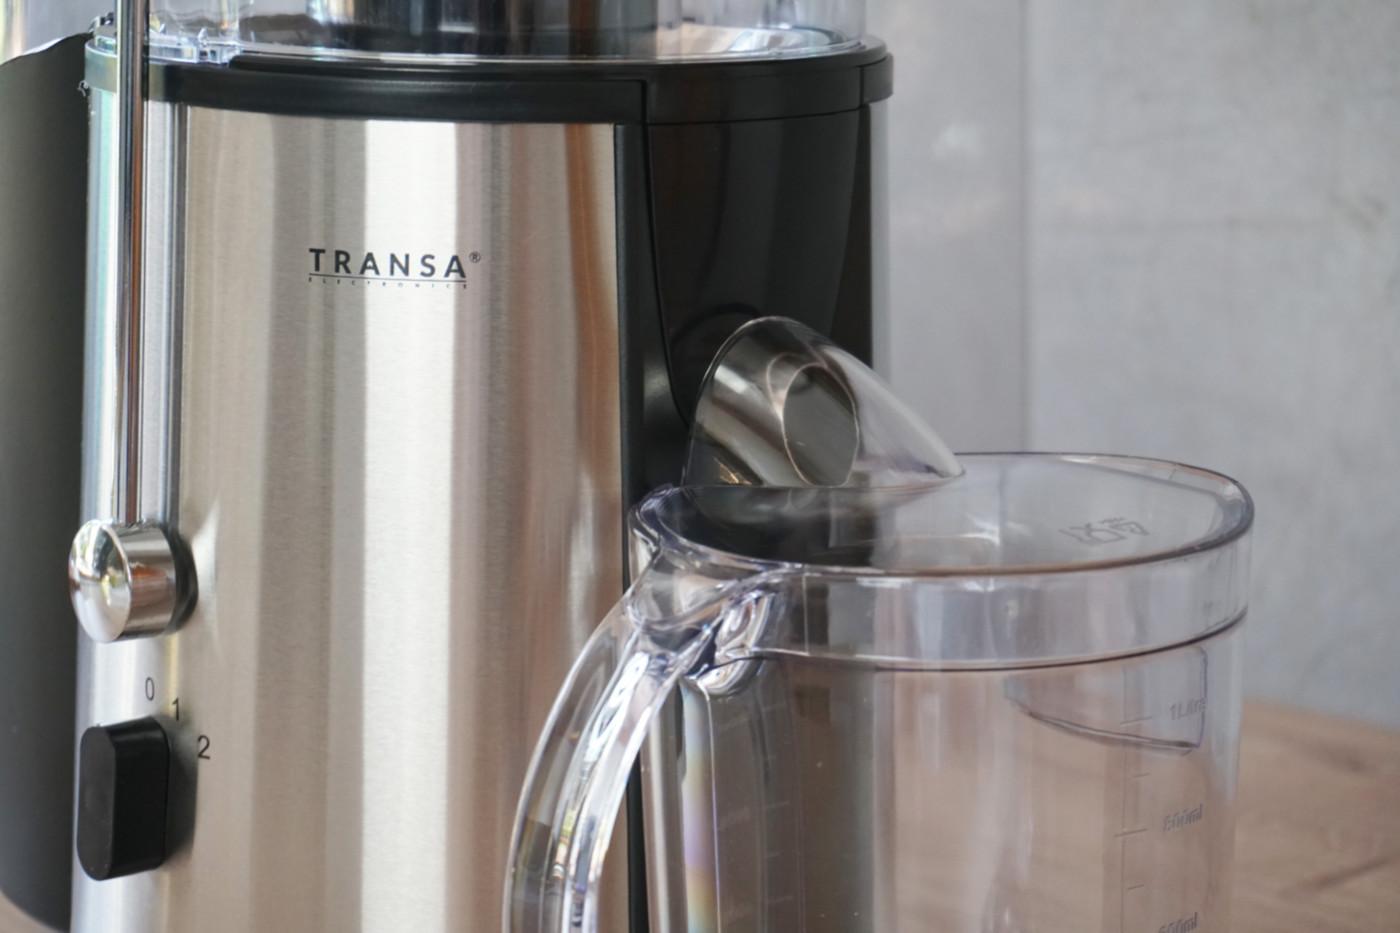 Sokowirówka Simply Fresh Transa Electronics – moje opinie